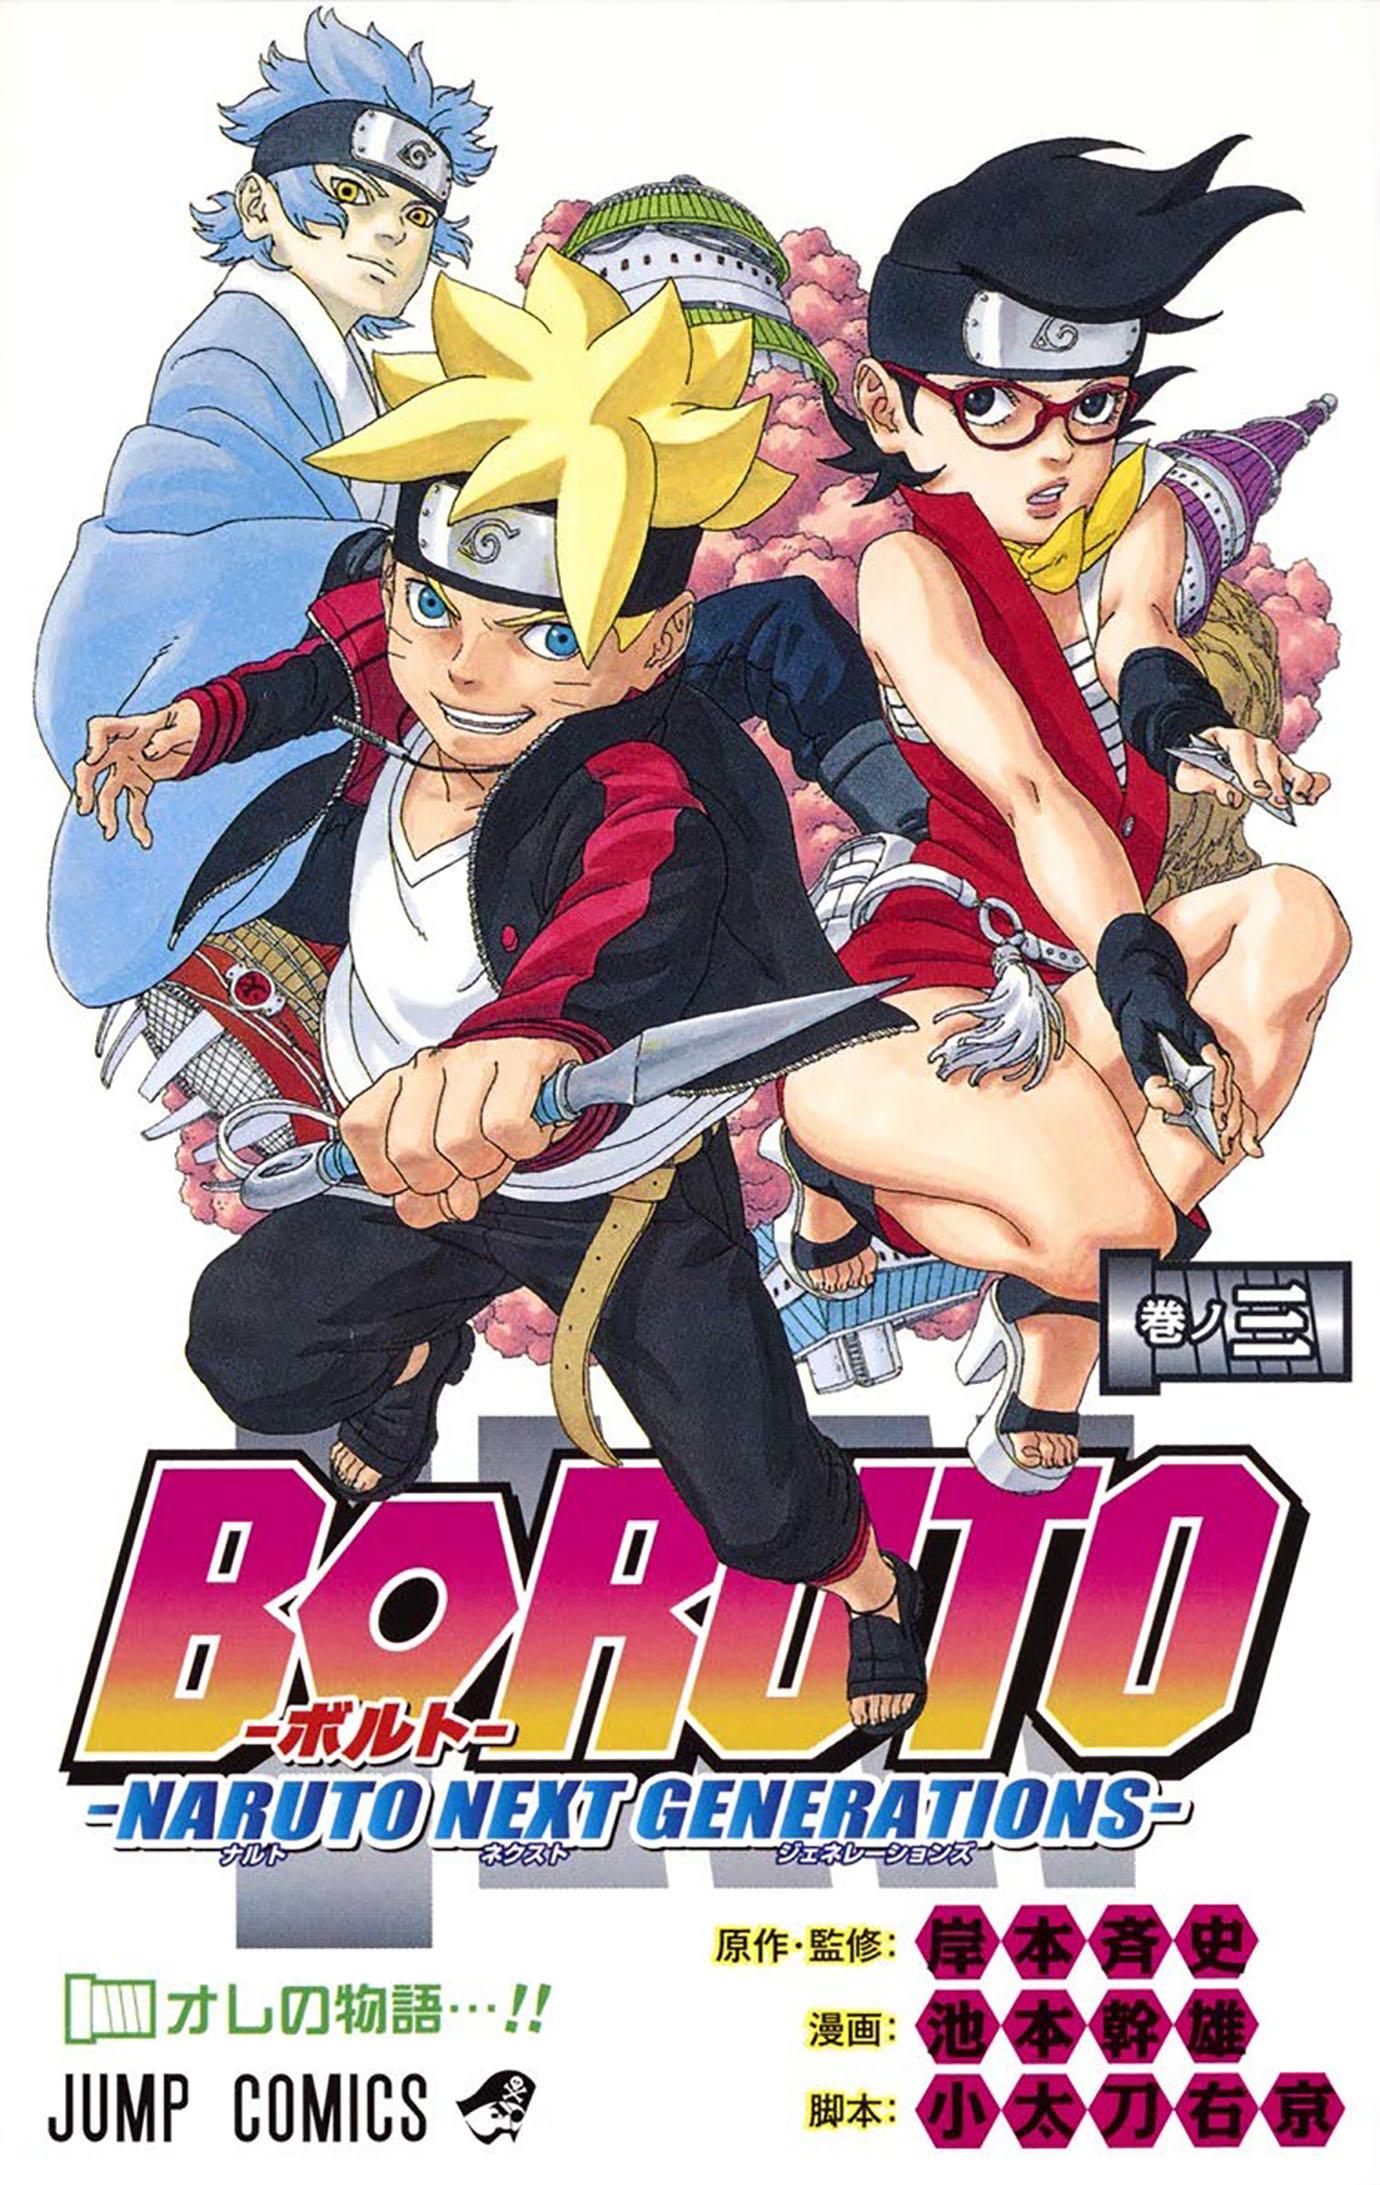 boruto-naruto-samurai8